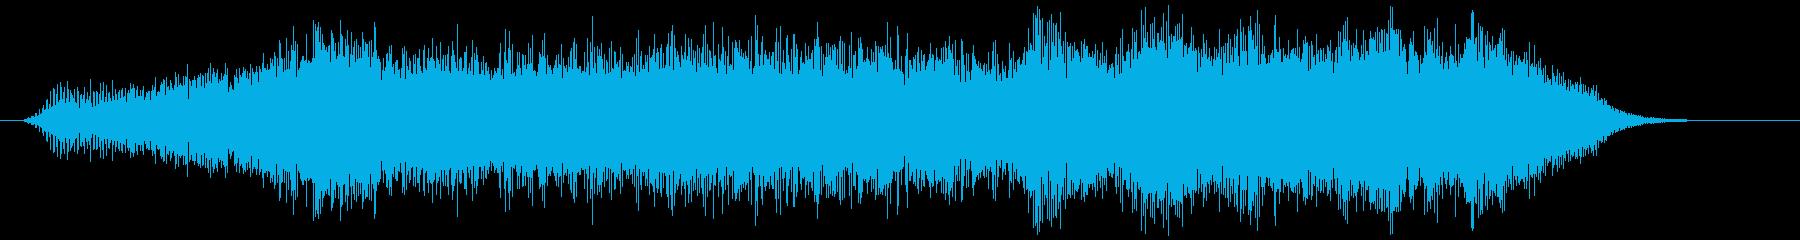 飛行機のシングルプロップ離陸Int...の再生済みの波形